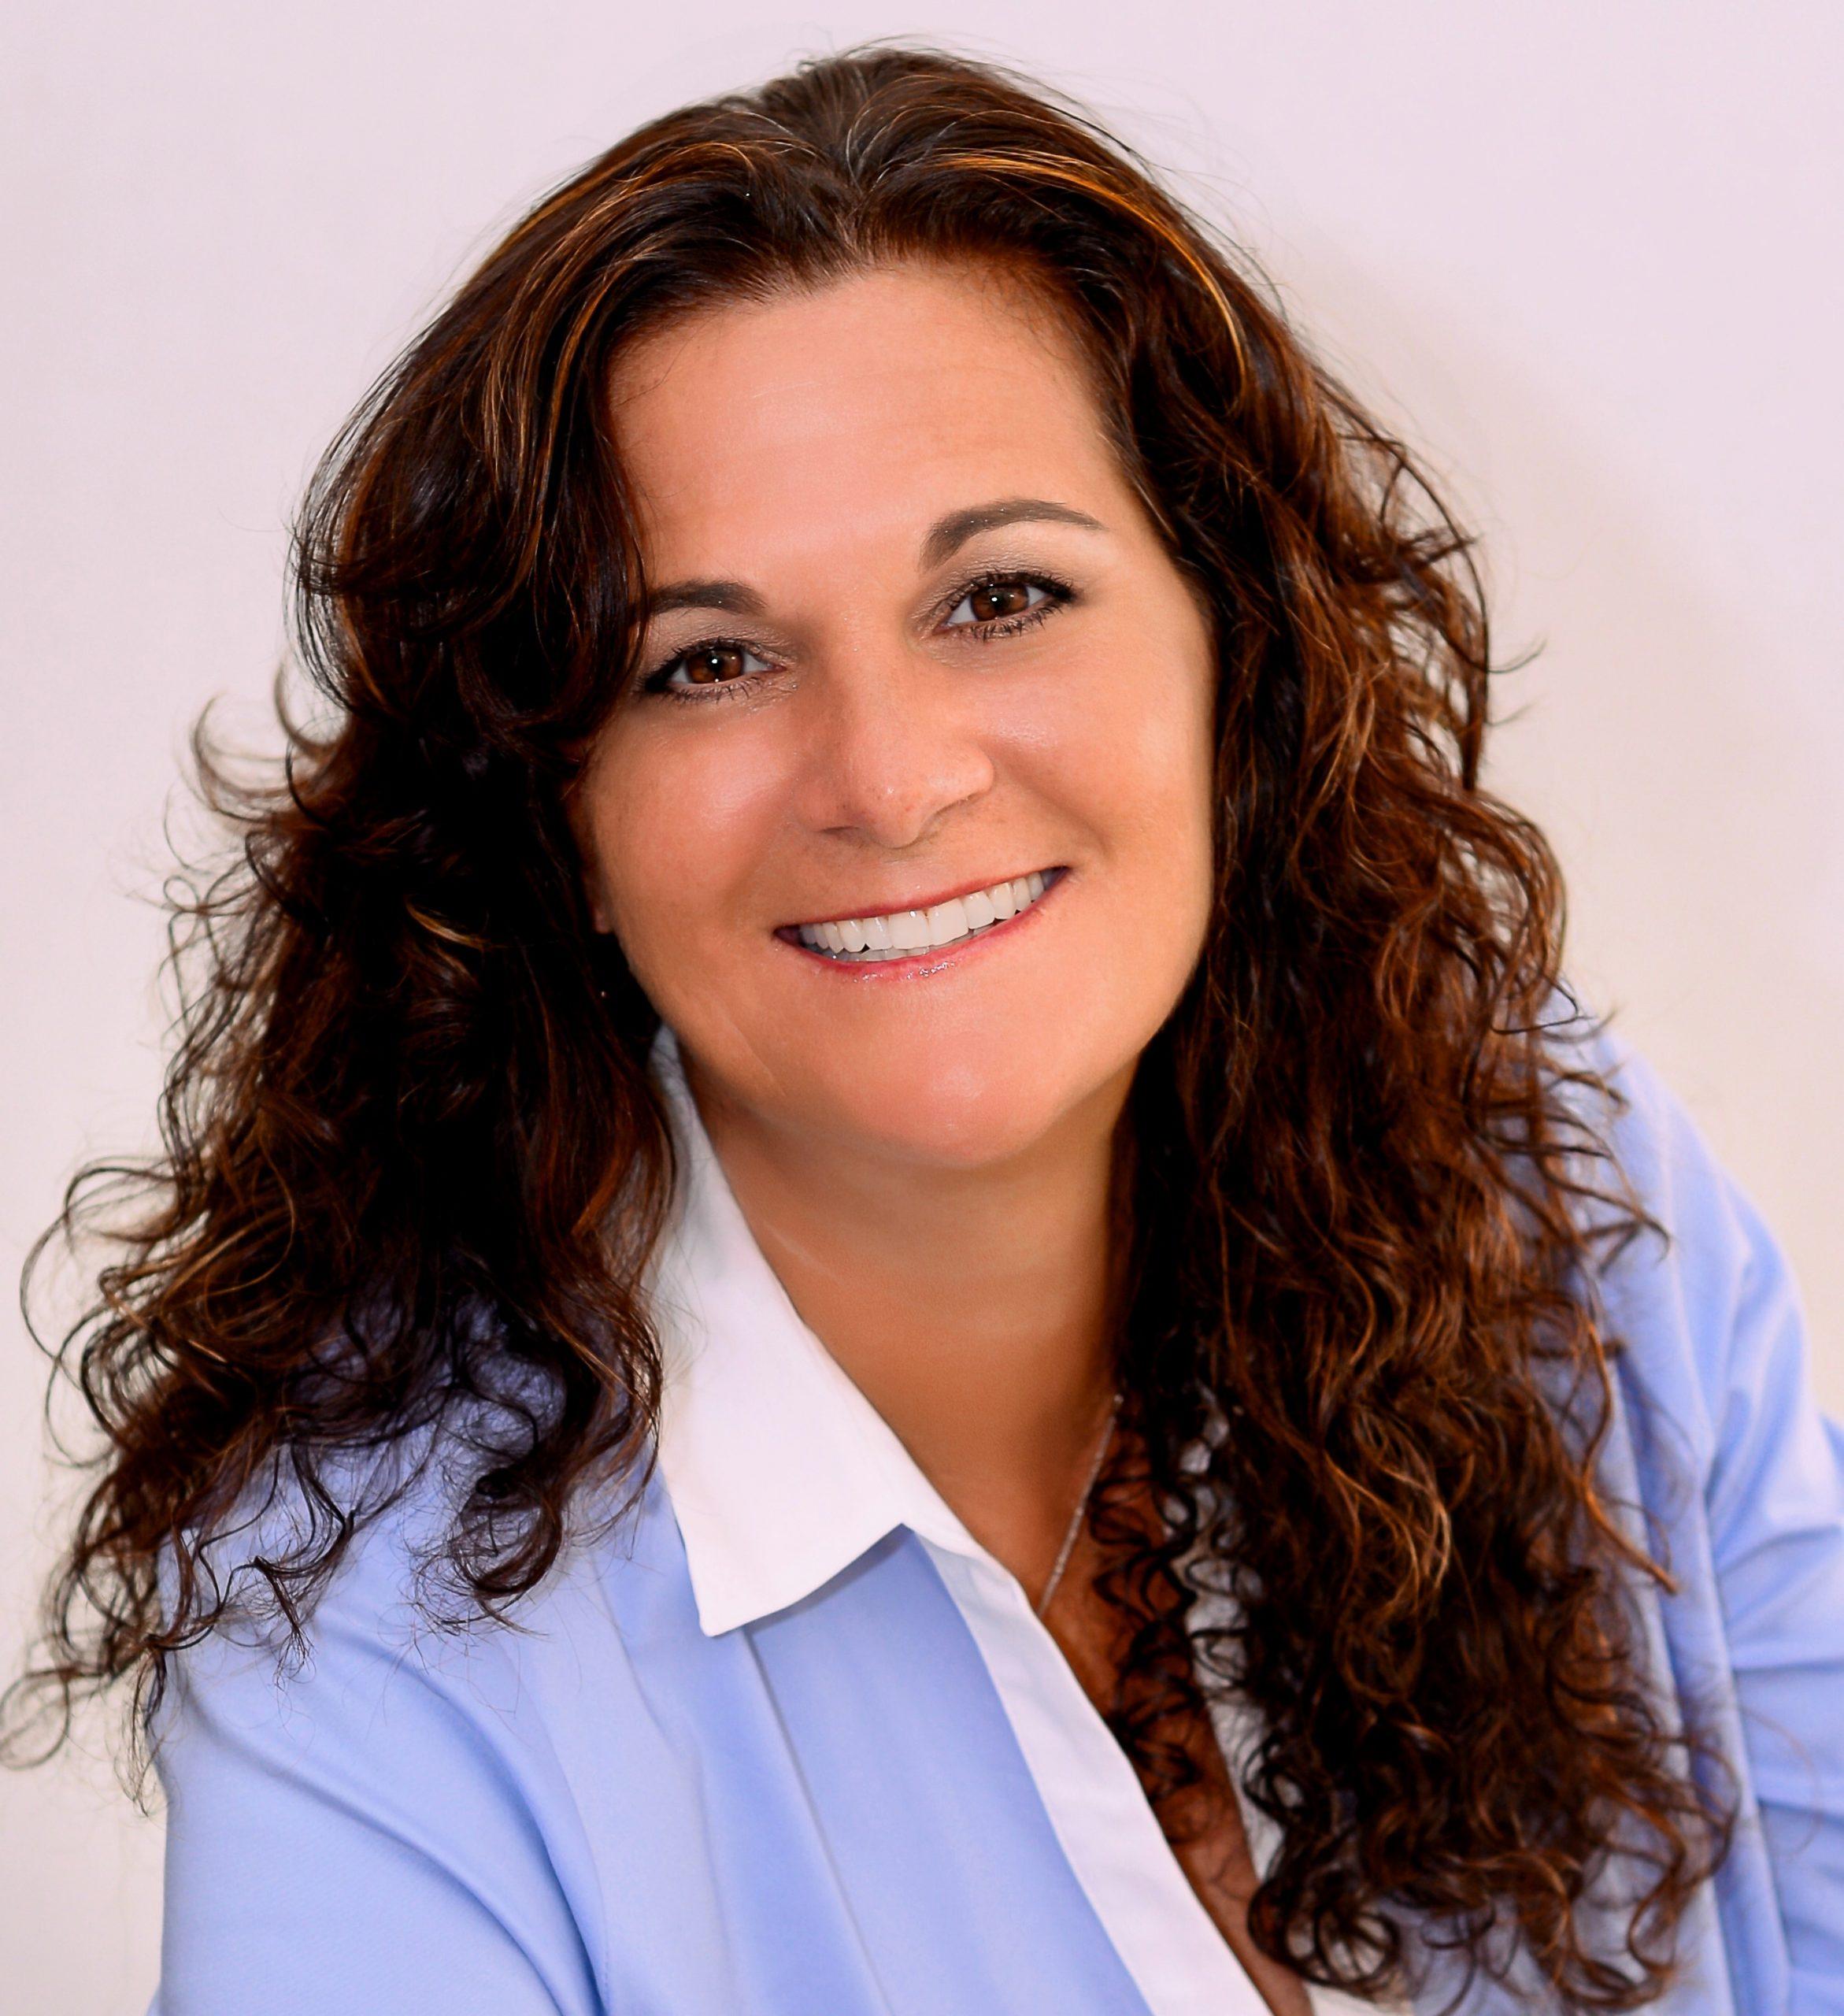 Jennifer Picardi